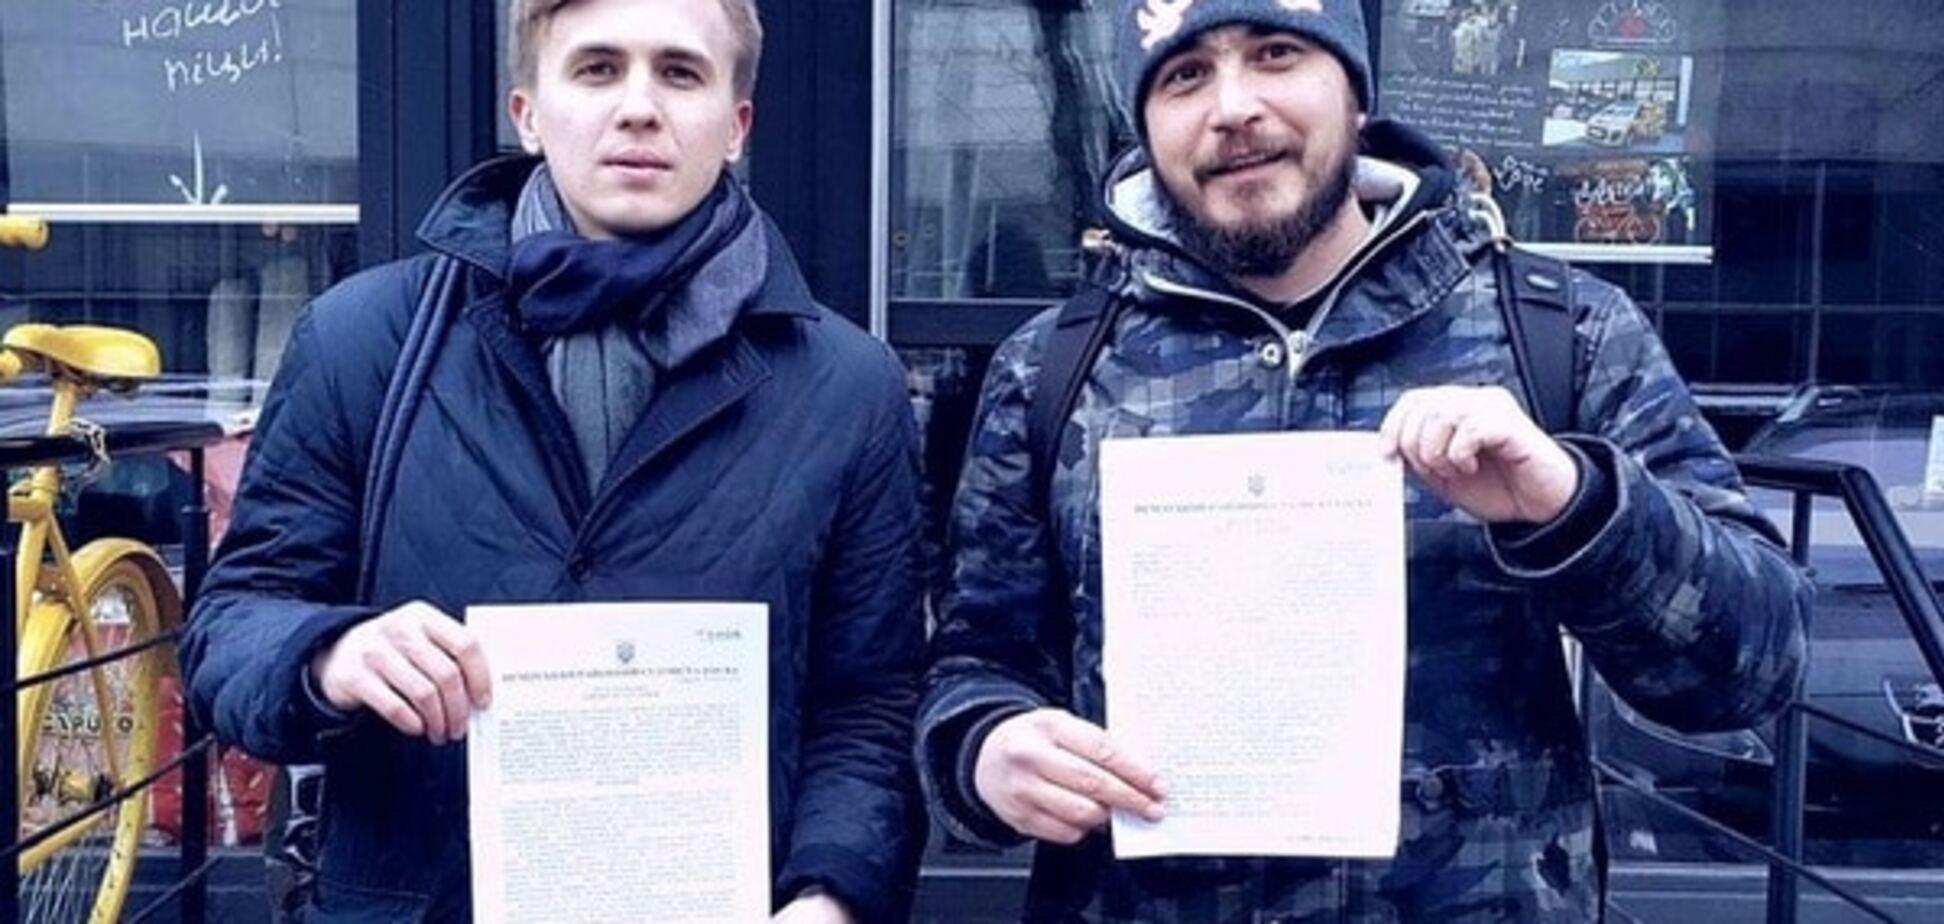 Журналісти виграли в суді справу проти СБУ, Матіос відреагував